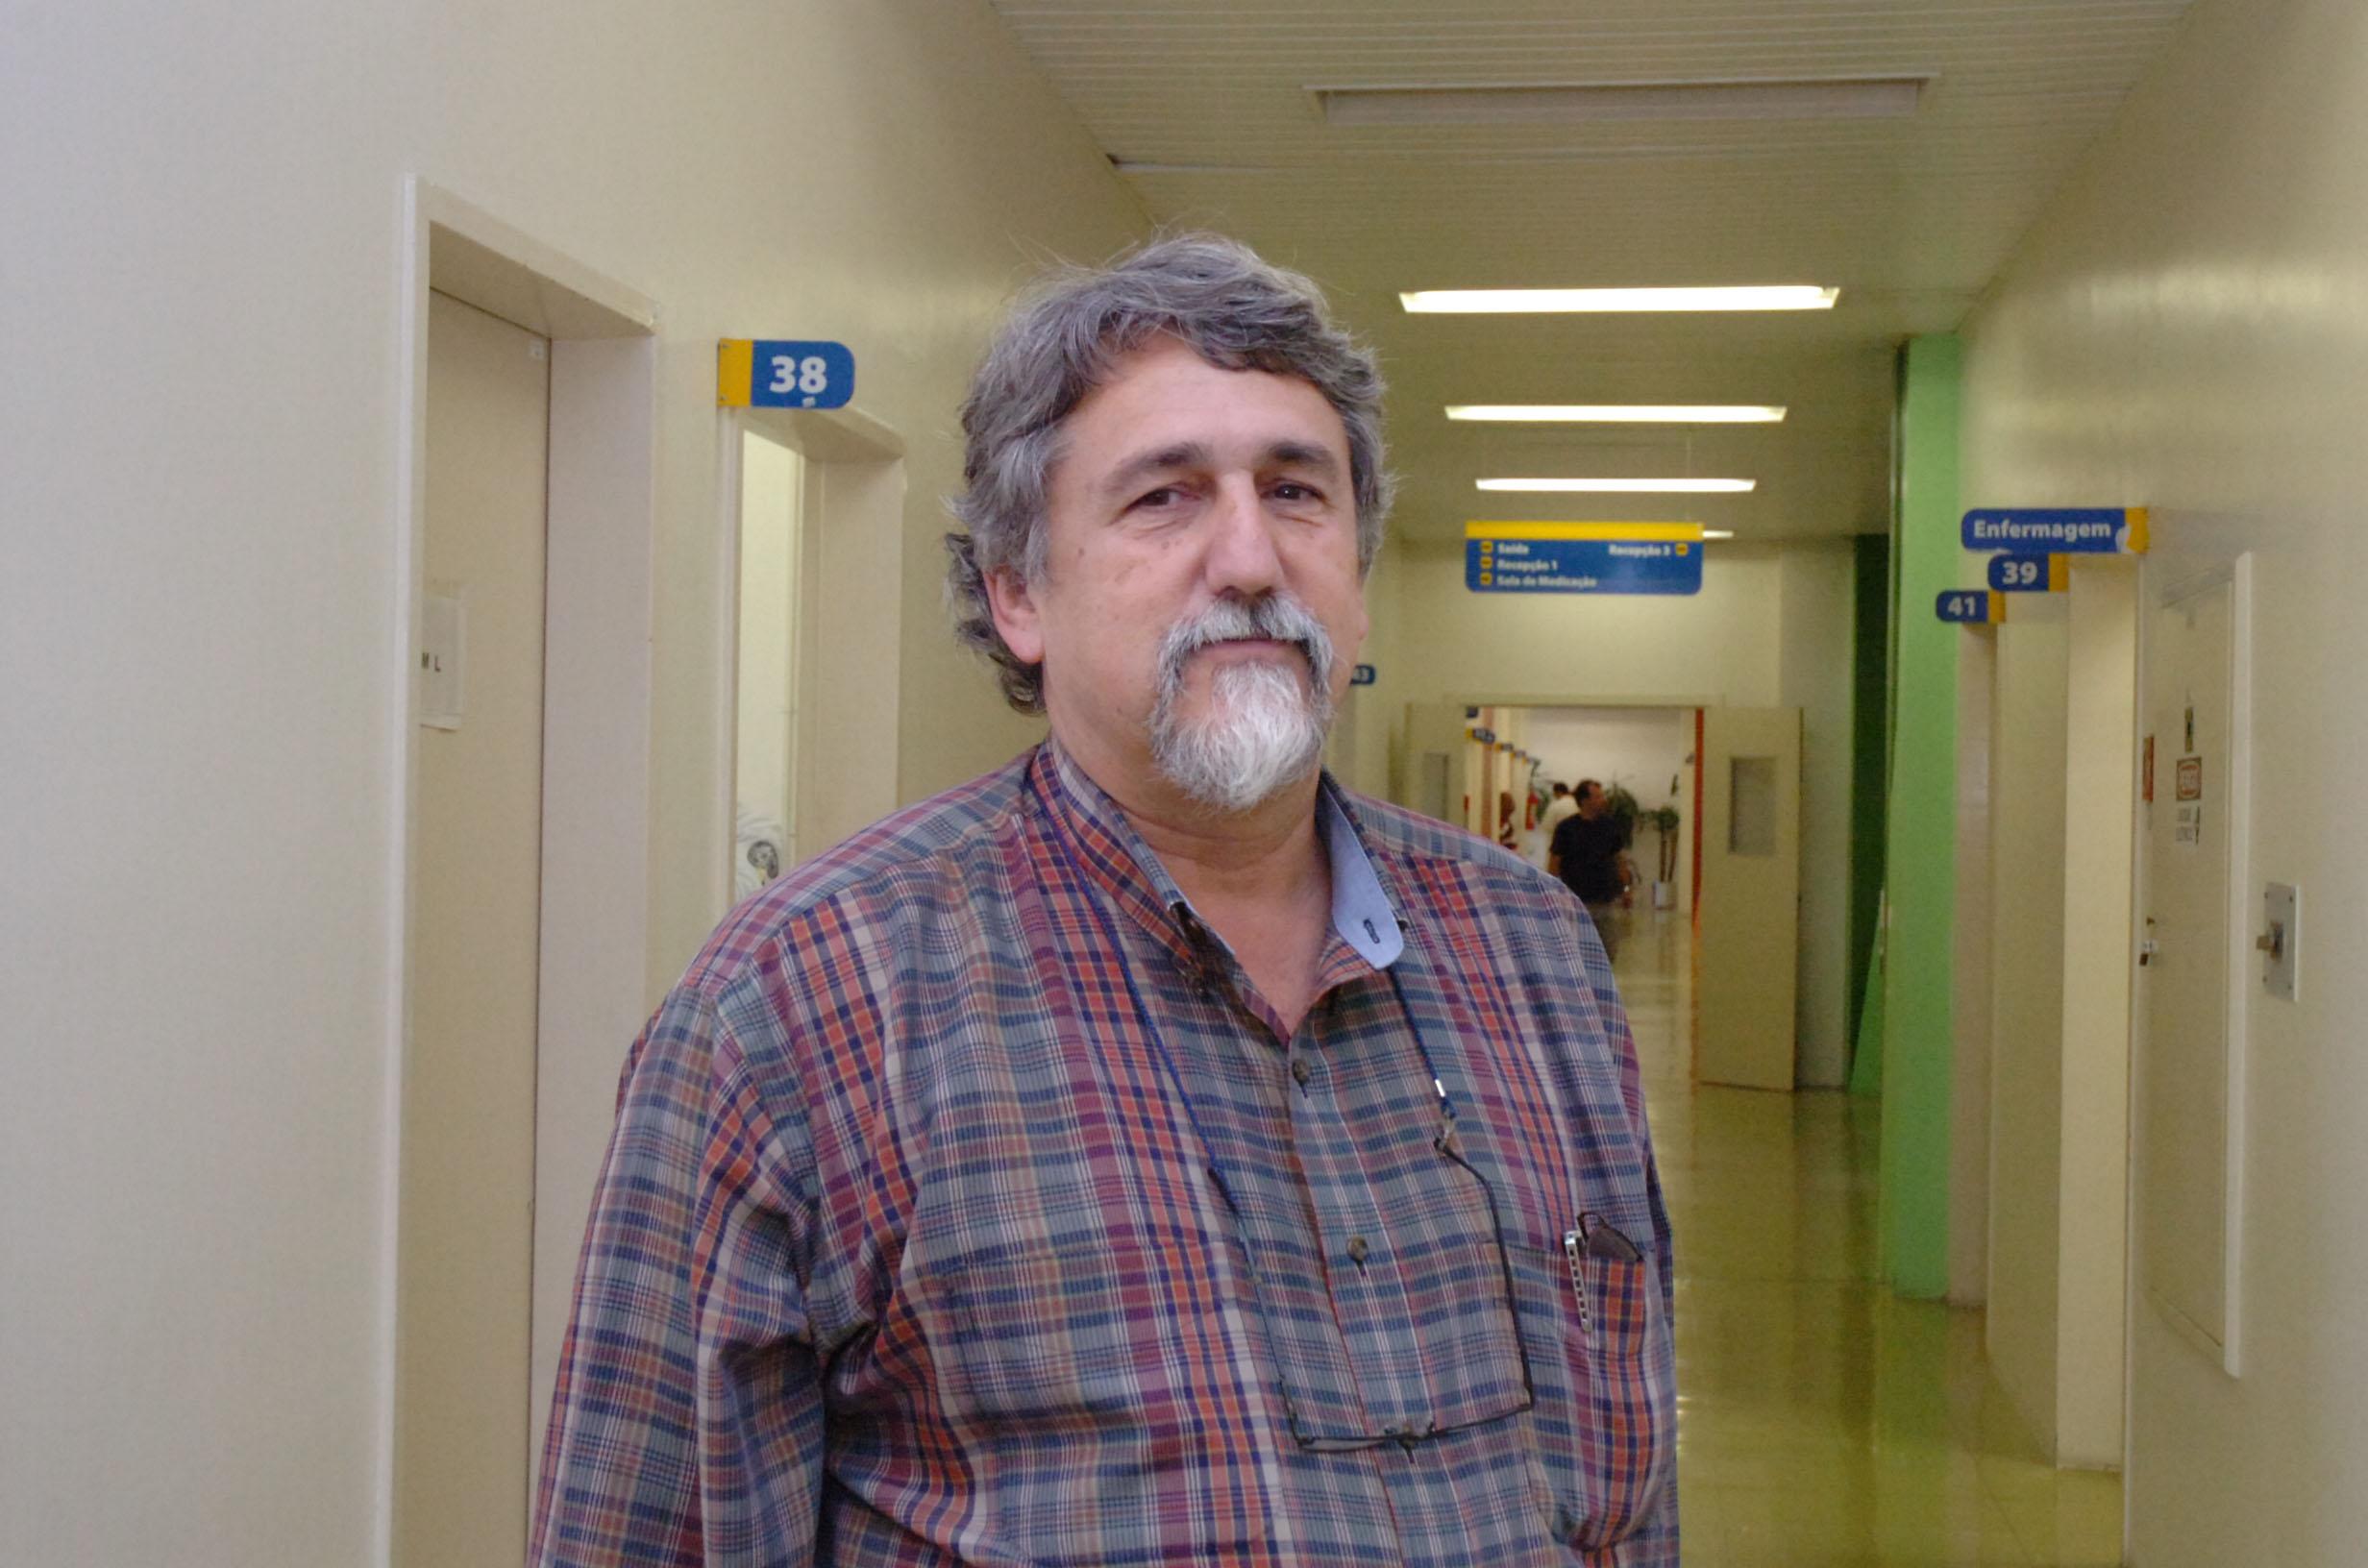 João Paulo Becker Lotufo é coordenador do grupo antitabágico do HU e criador do projeto Dr. Bartô – e os Doutores da Saúde, que previne o consumo de drogas lícitas por crianças e jovens. Foto: Francisco Emolo